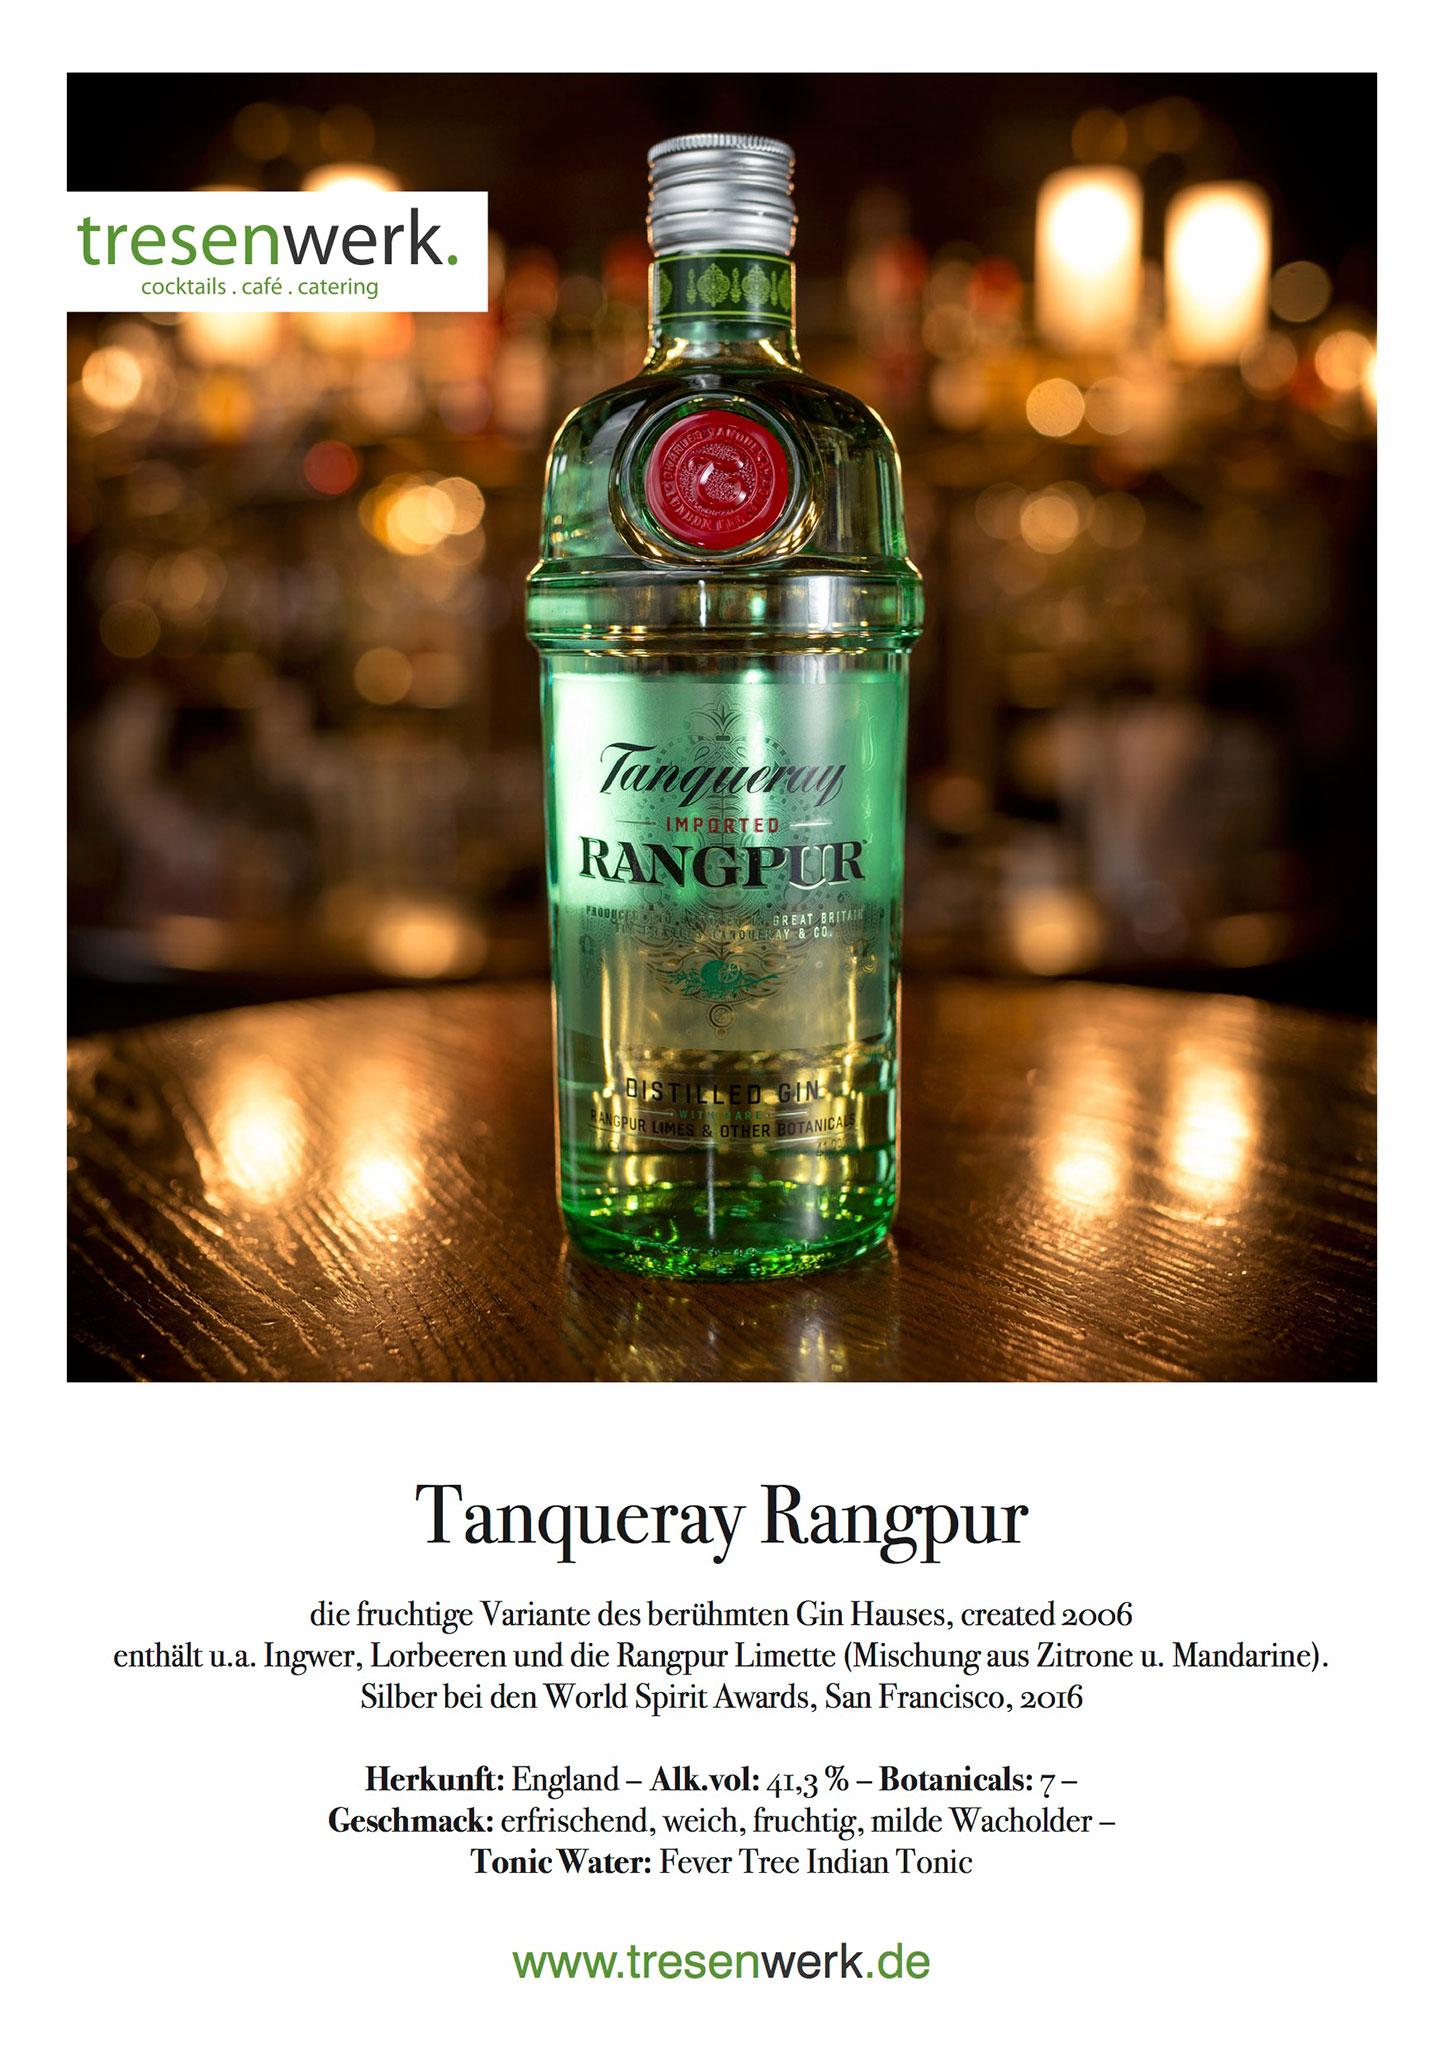 Tanqueray-Rangpur